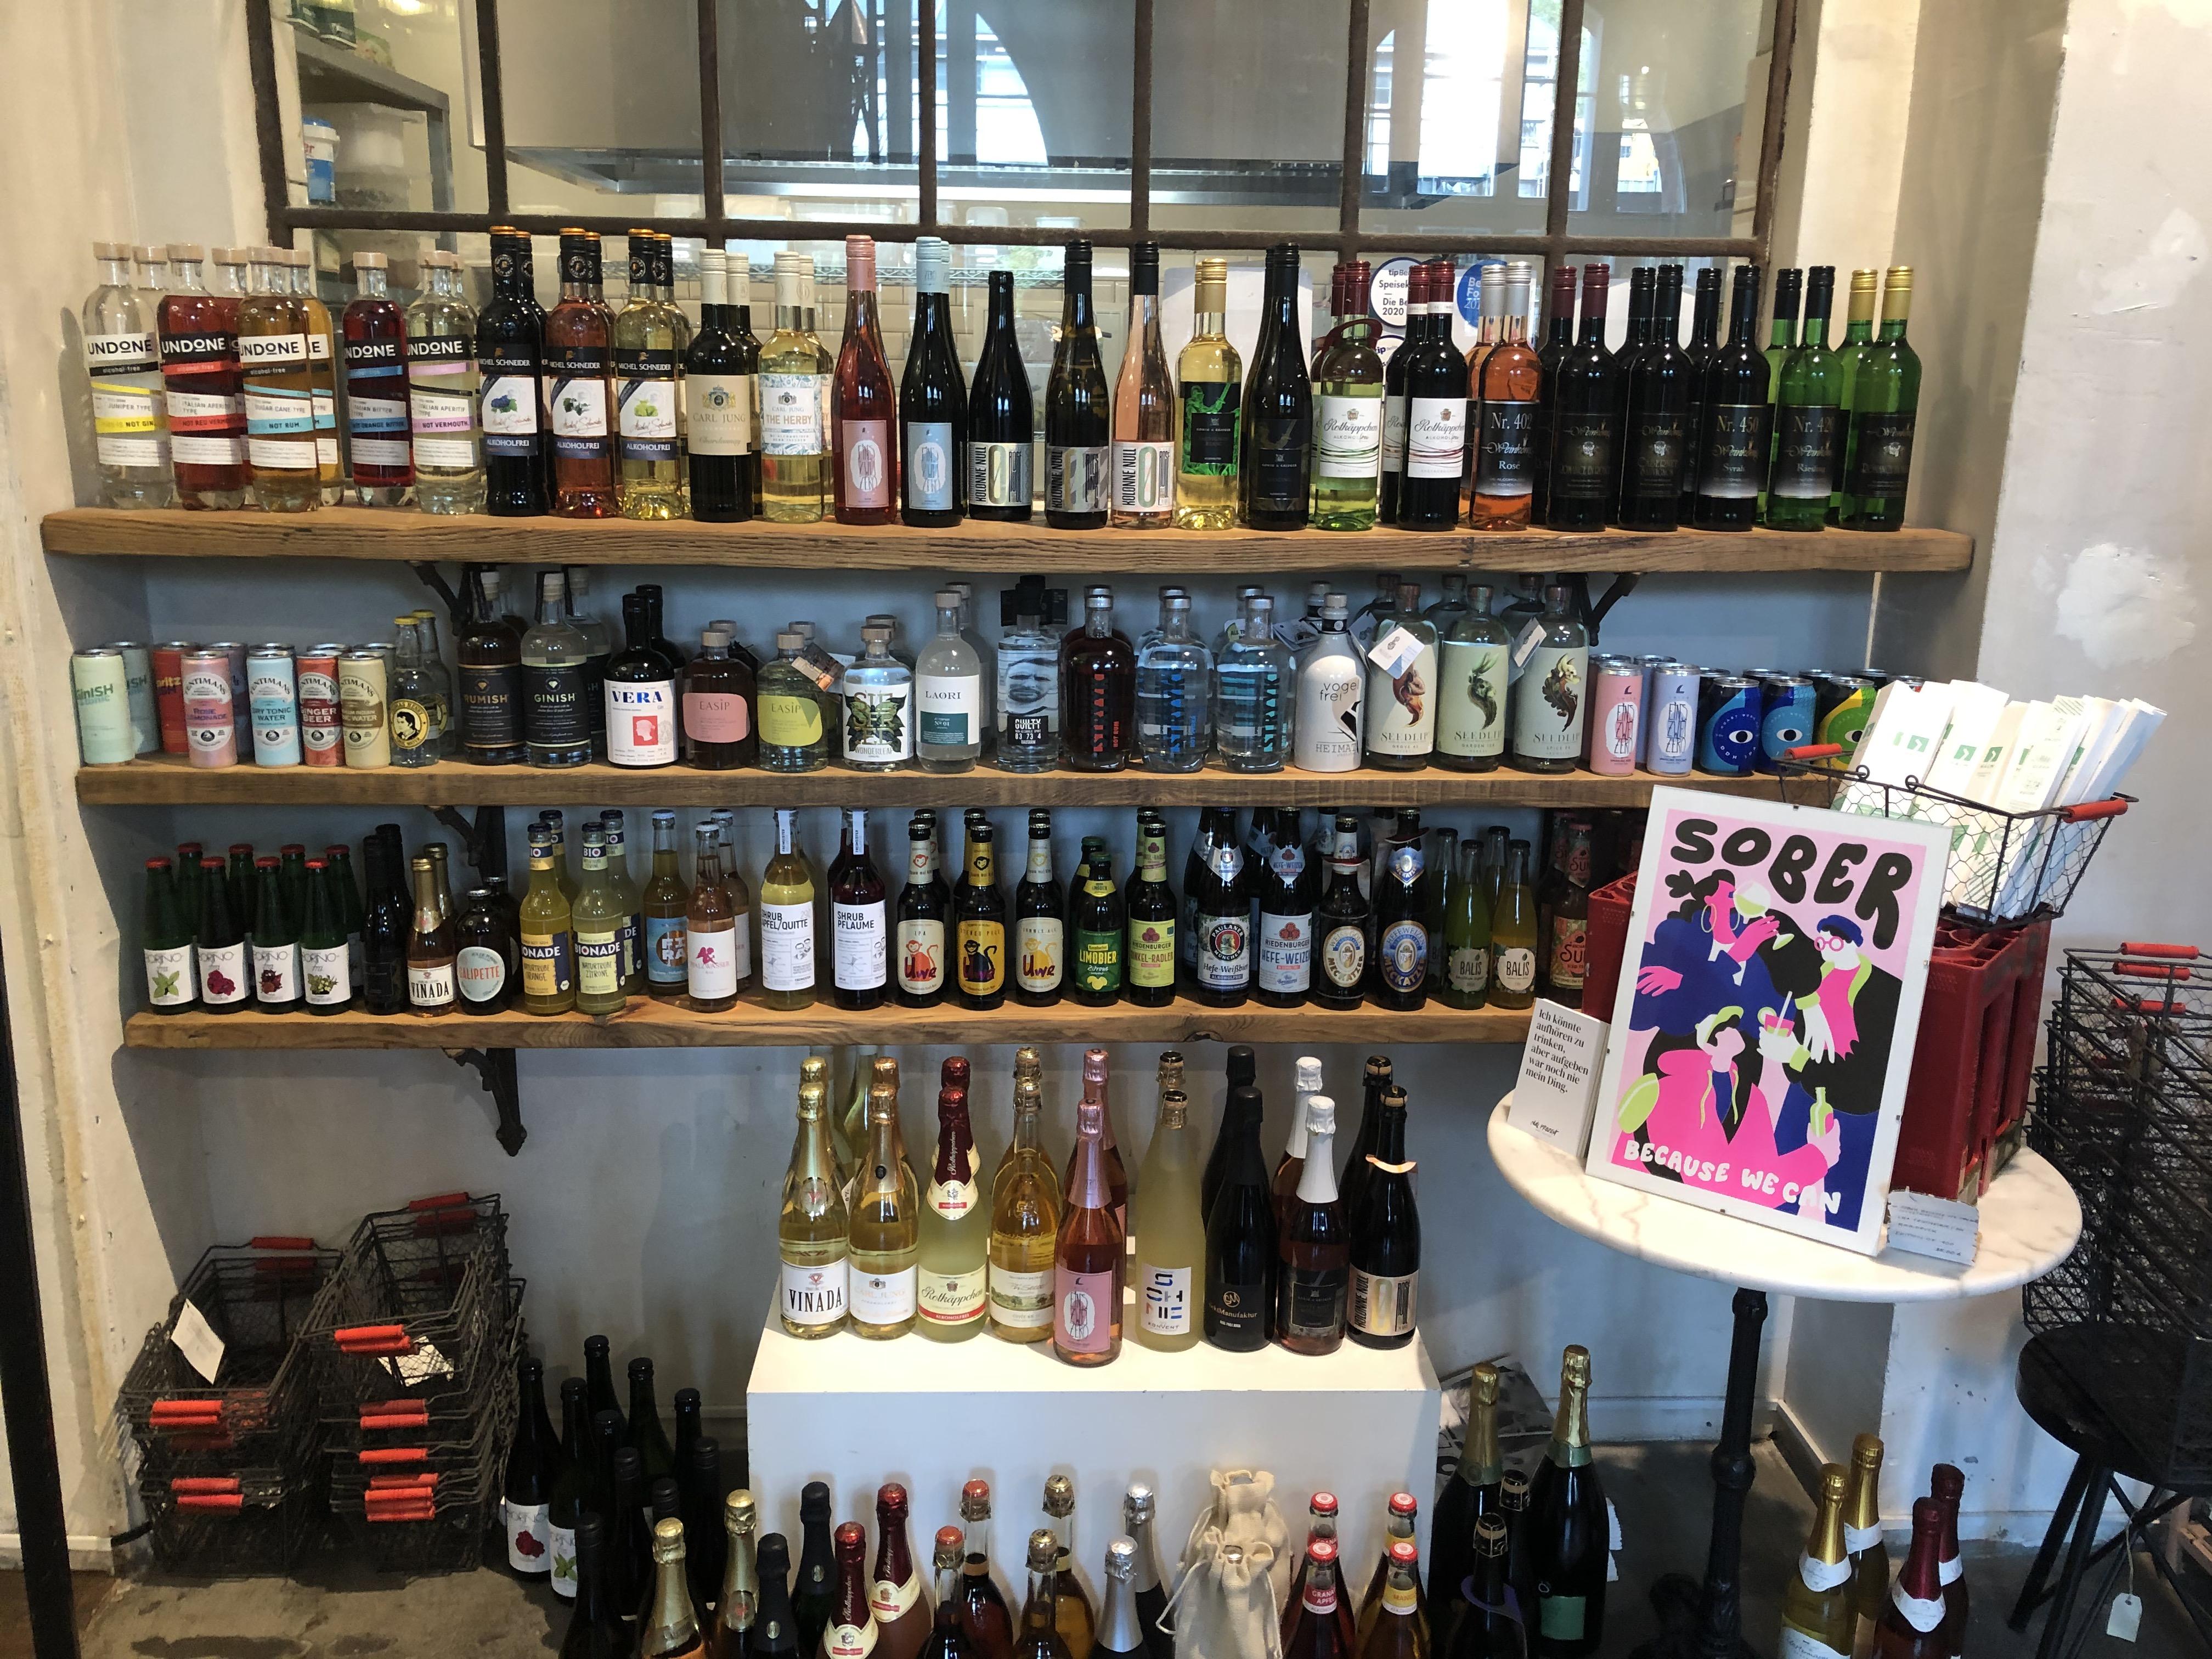 Sober, because we can: Der alkoholfreie Späti im Halleschen Haus